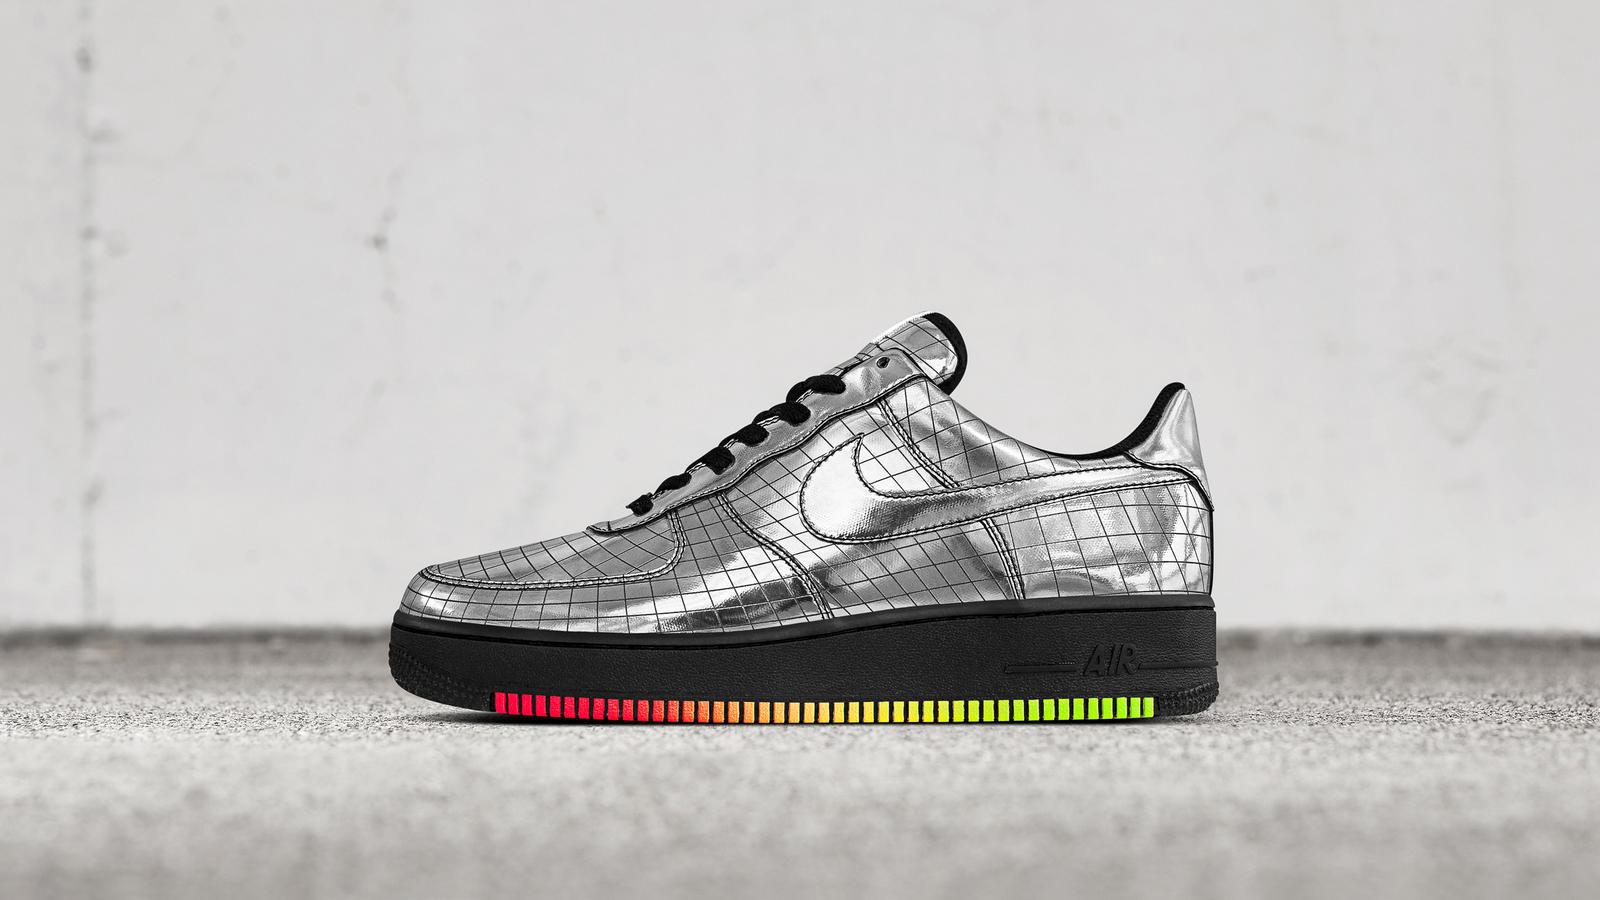 Nike-AF1-Jet-PE-Elton-John-1_hd_1600.jpg